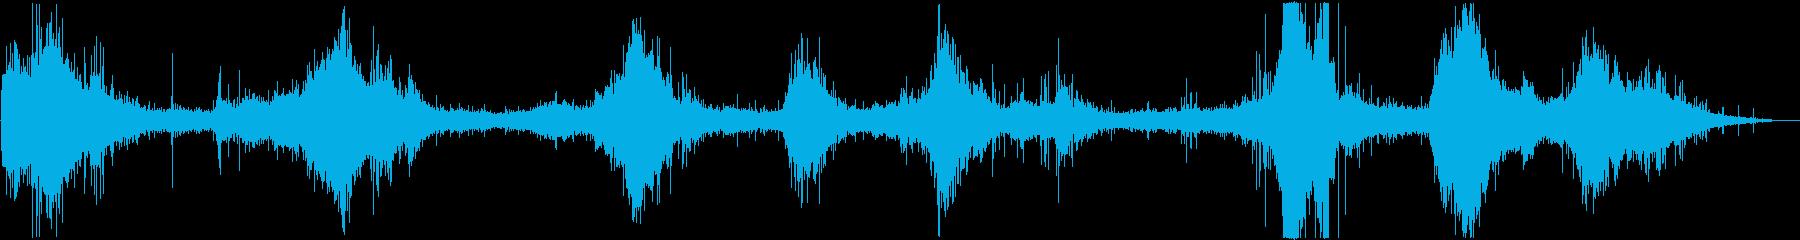 バイノーラル録音 穏やかな波の音の再生済みの波形